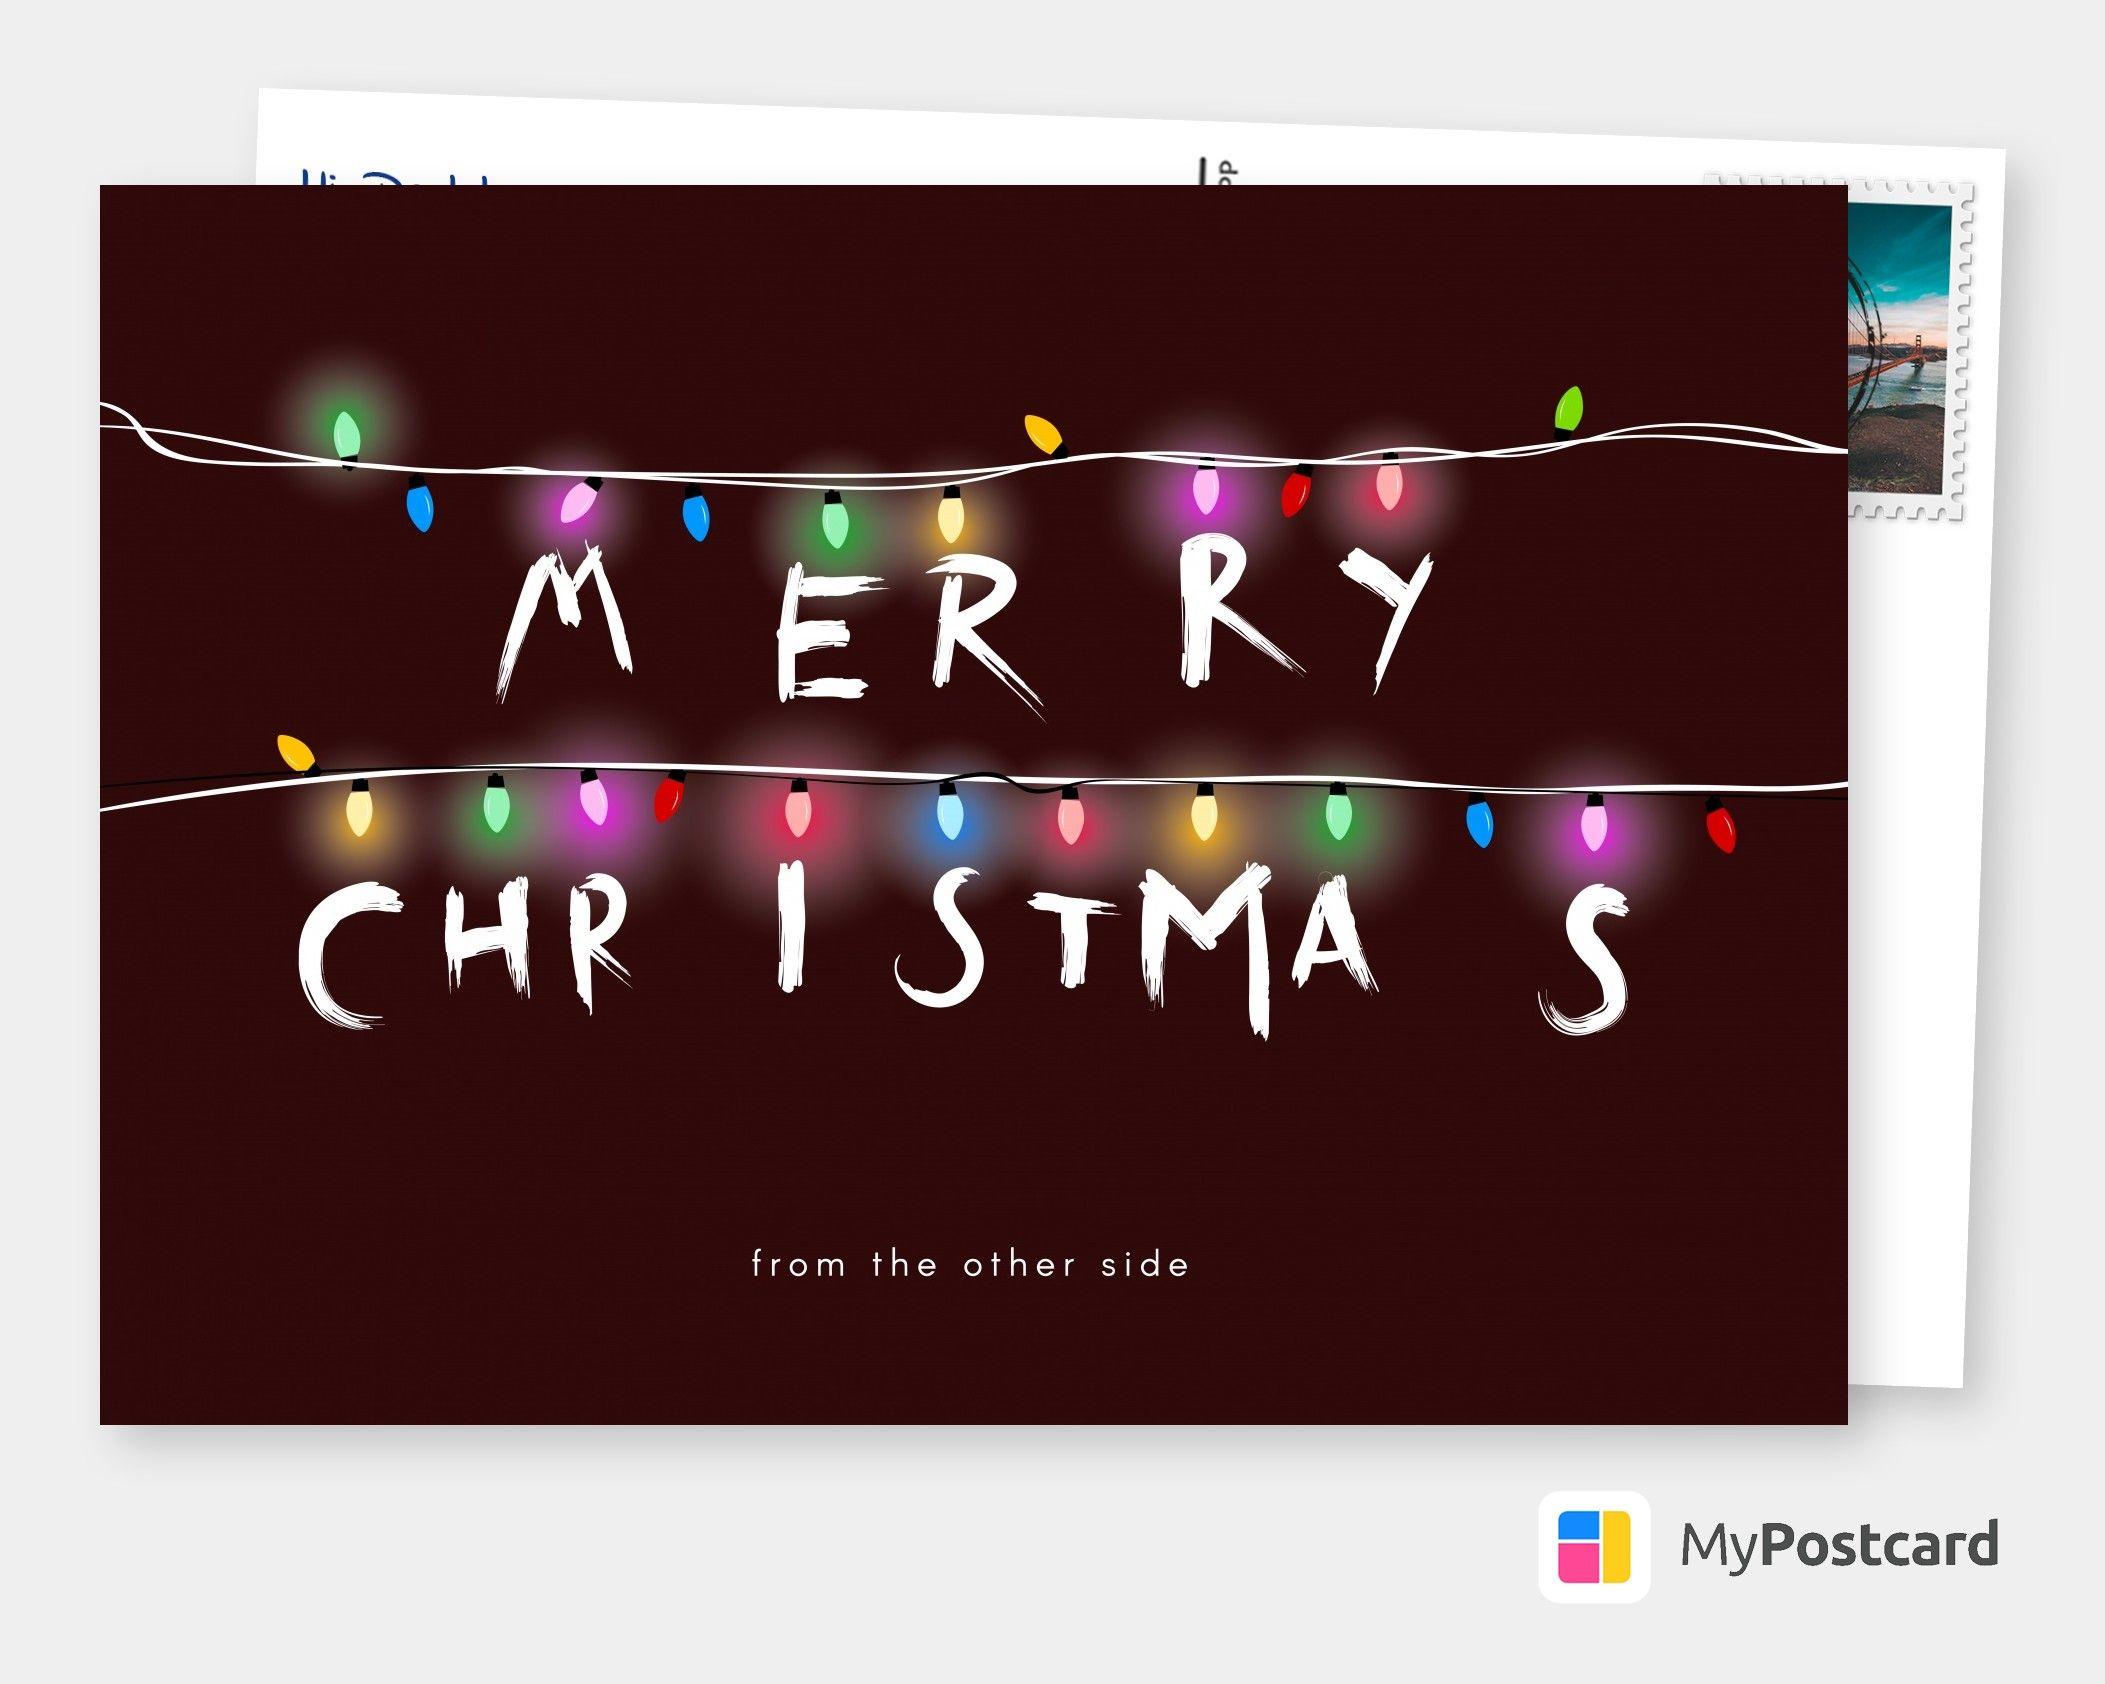 Frohe Weihnachtswünsche - Weihnachten Postkarte / Christmas Karte / Weihnachten Grüße